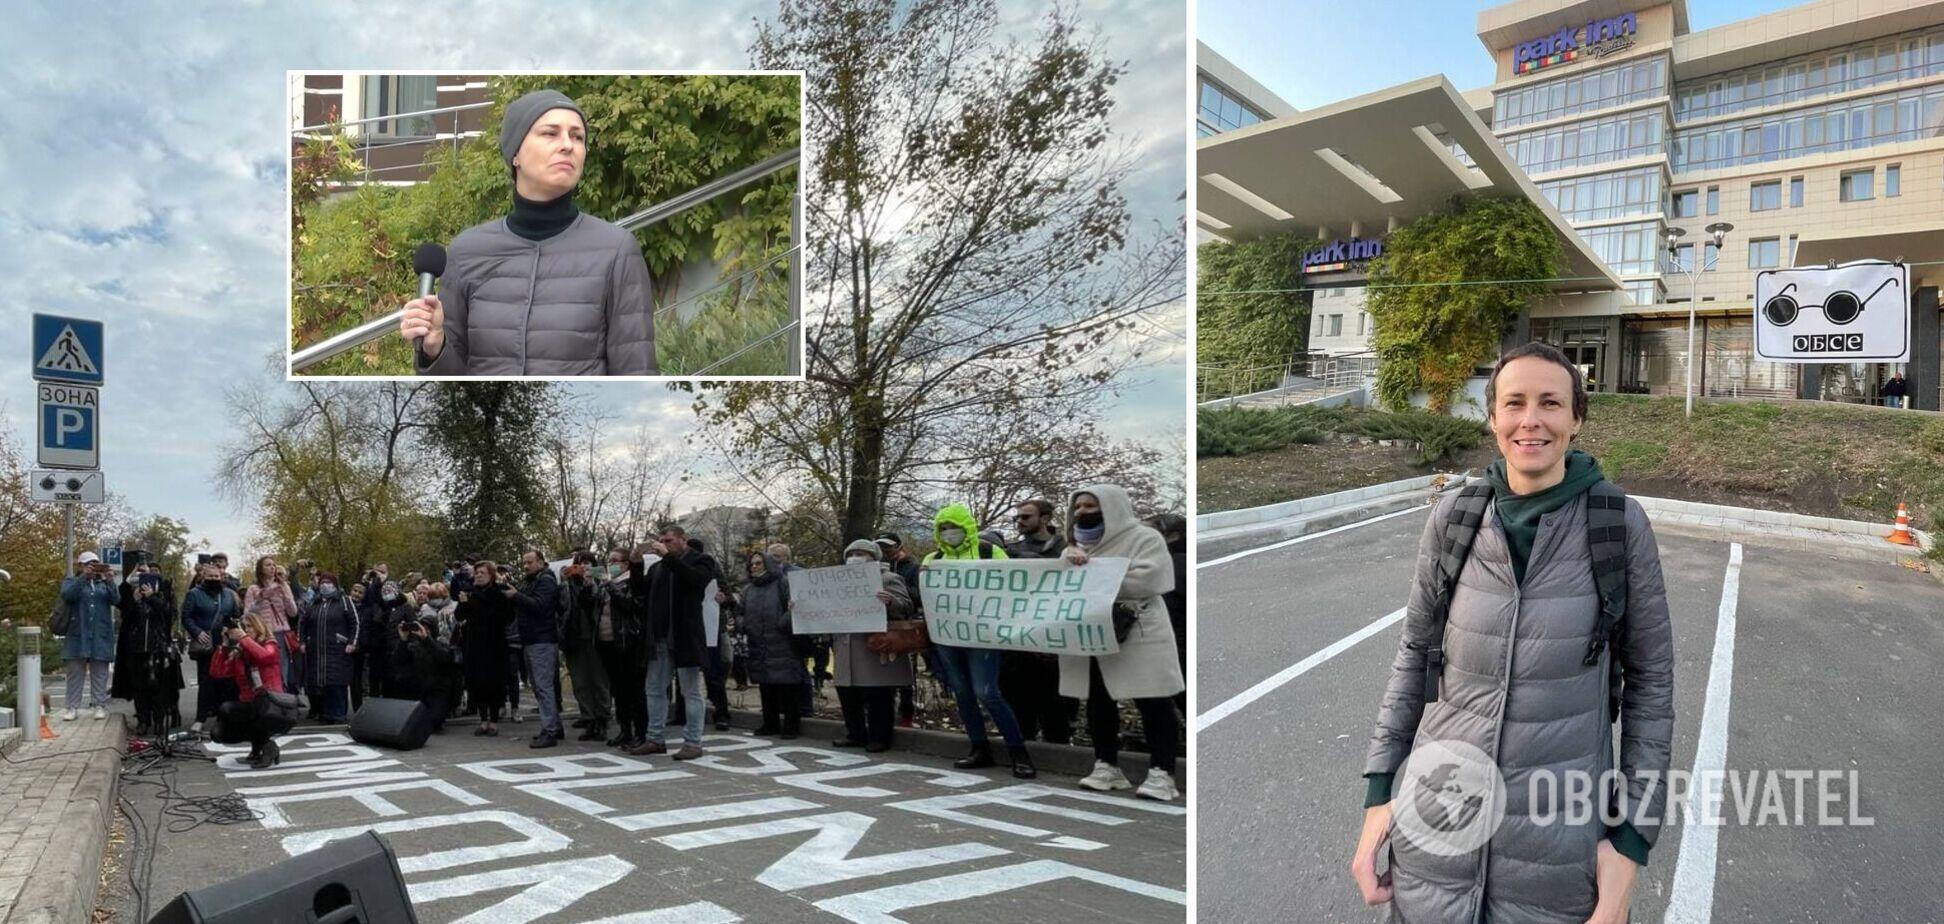 Фанатка 'Л/ДНР' Чичеріна влаштувала концерт під офісом ОБСЄ у Донецьку. Відео